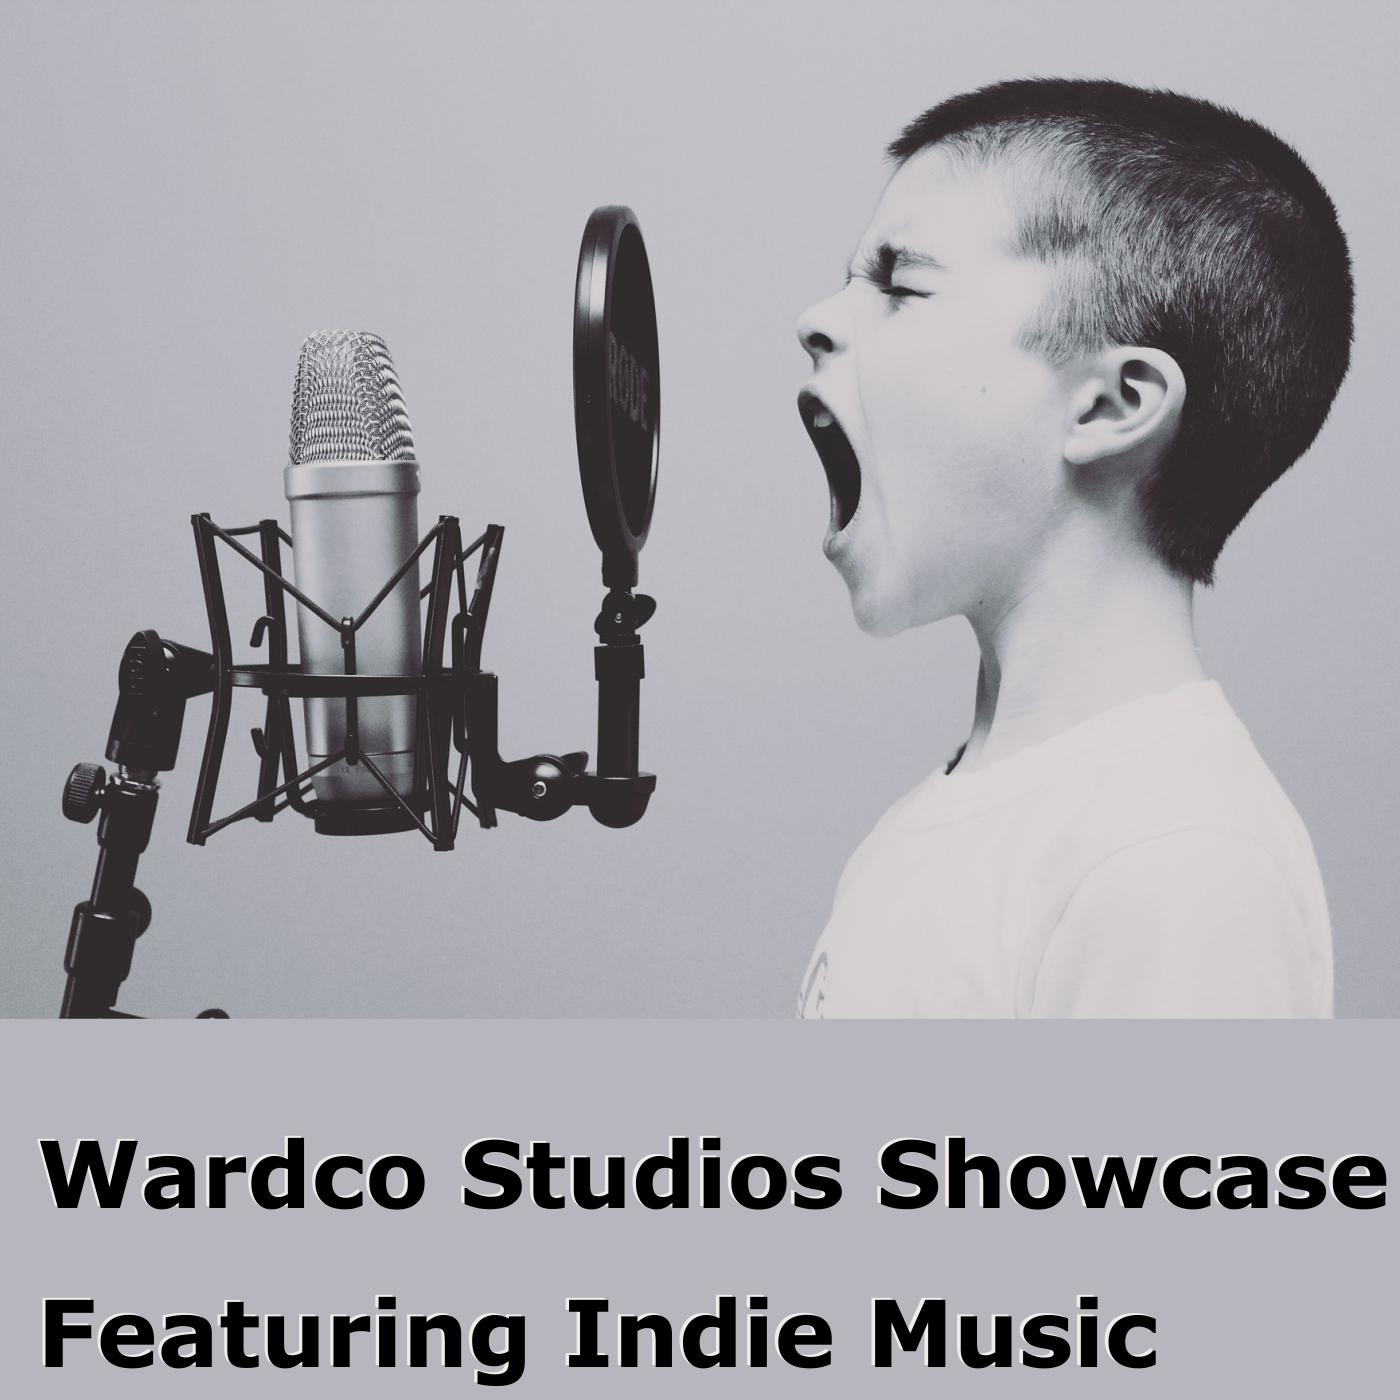 Wardco Studios Showcase